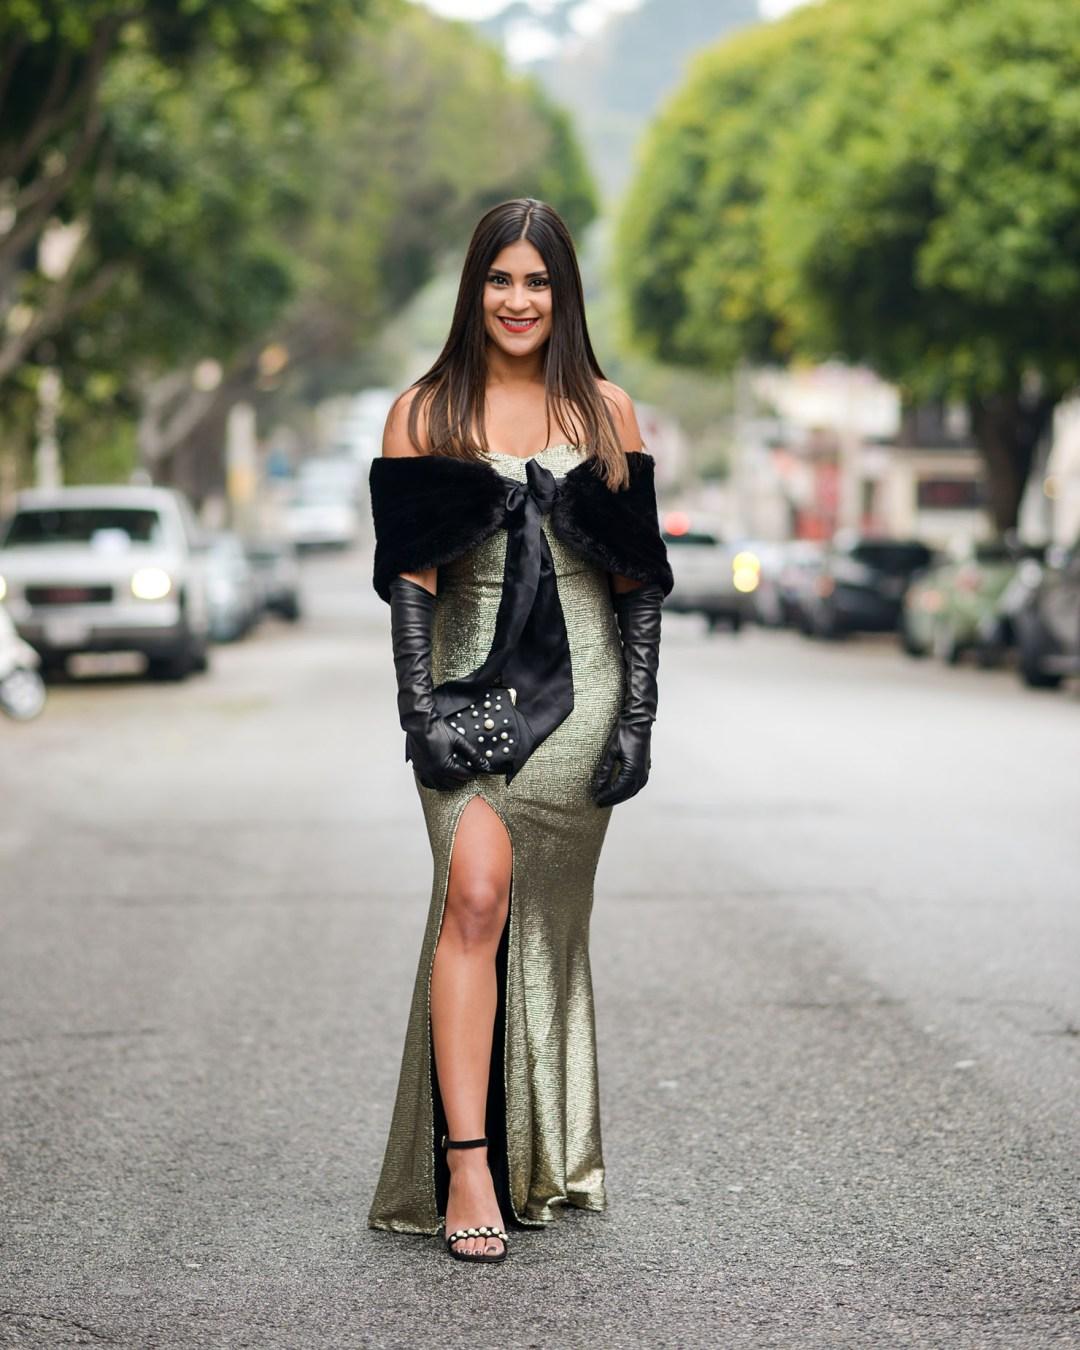 Lifestyle blogger Kelsey Kaplan of Kelsey Kaplan fashion wearing metallic mermaid dress and Stuart Weitzman pearl sandals